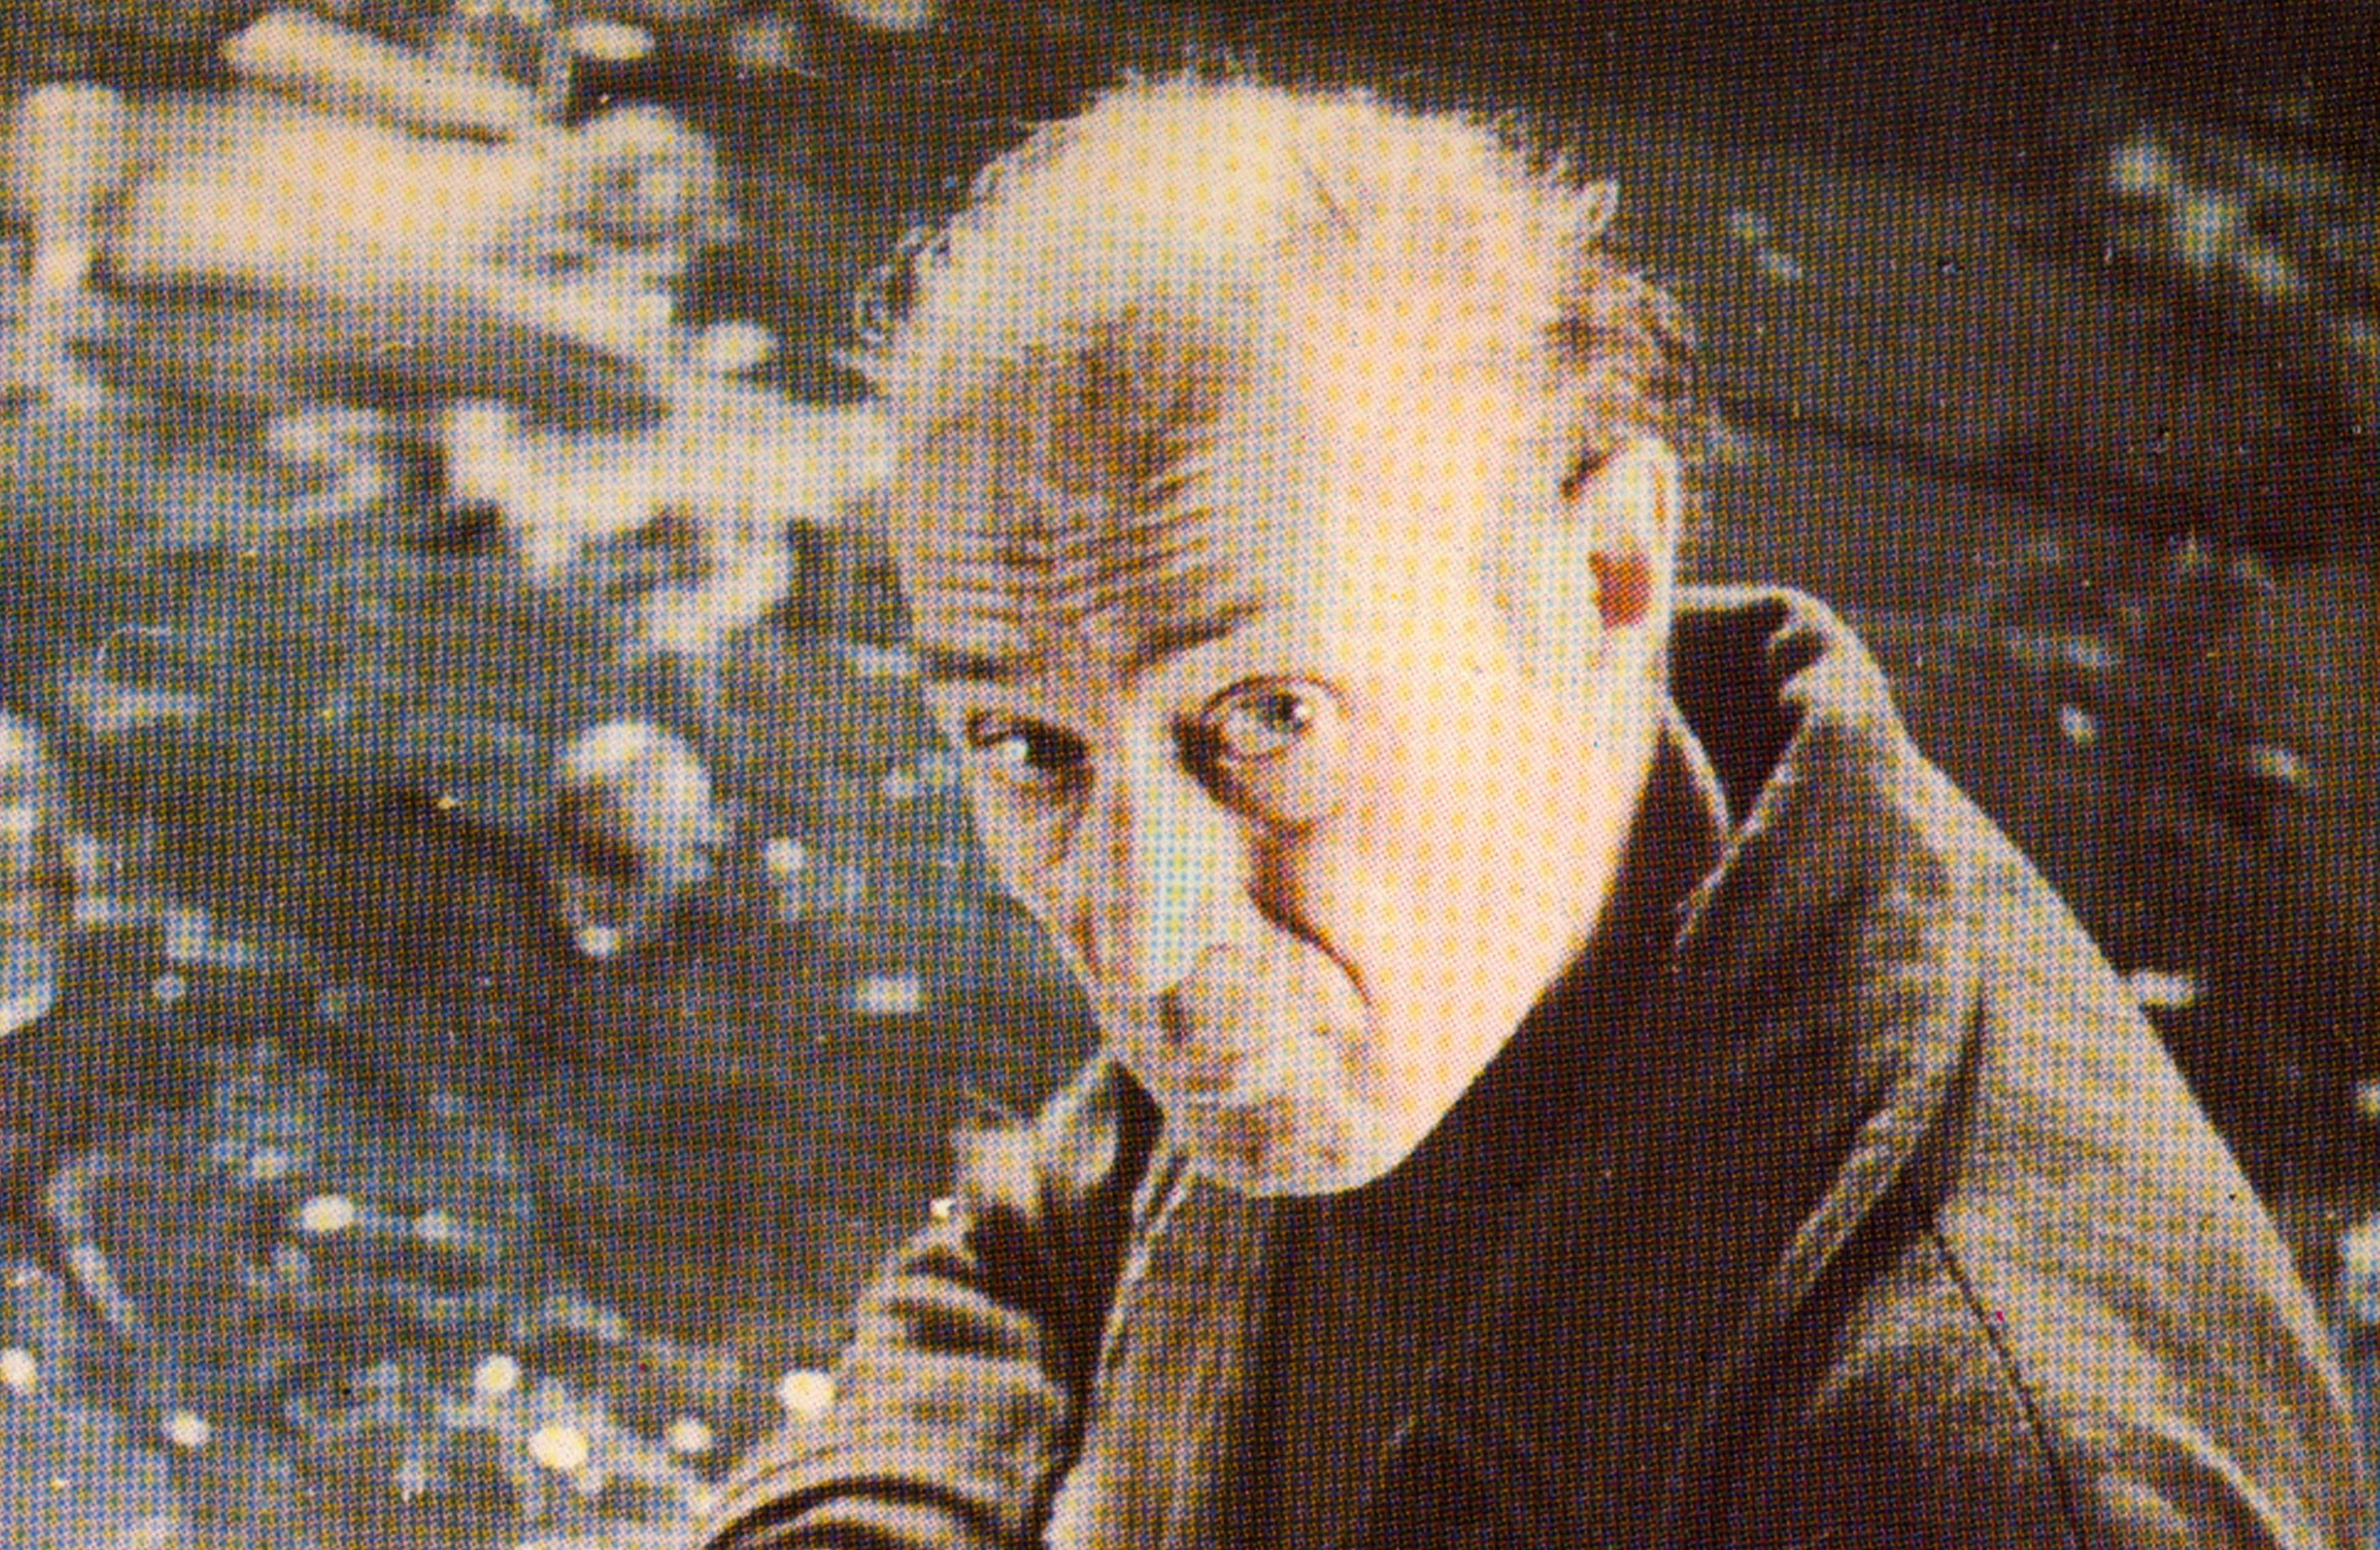 N. Grinko